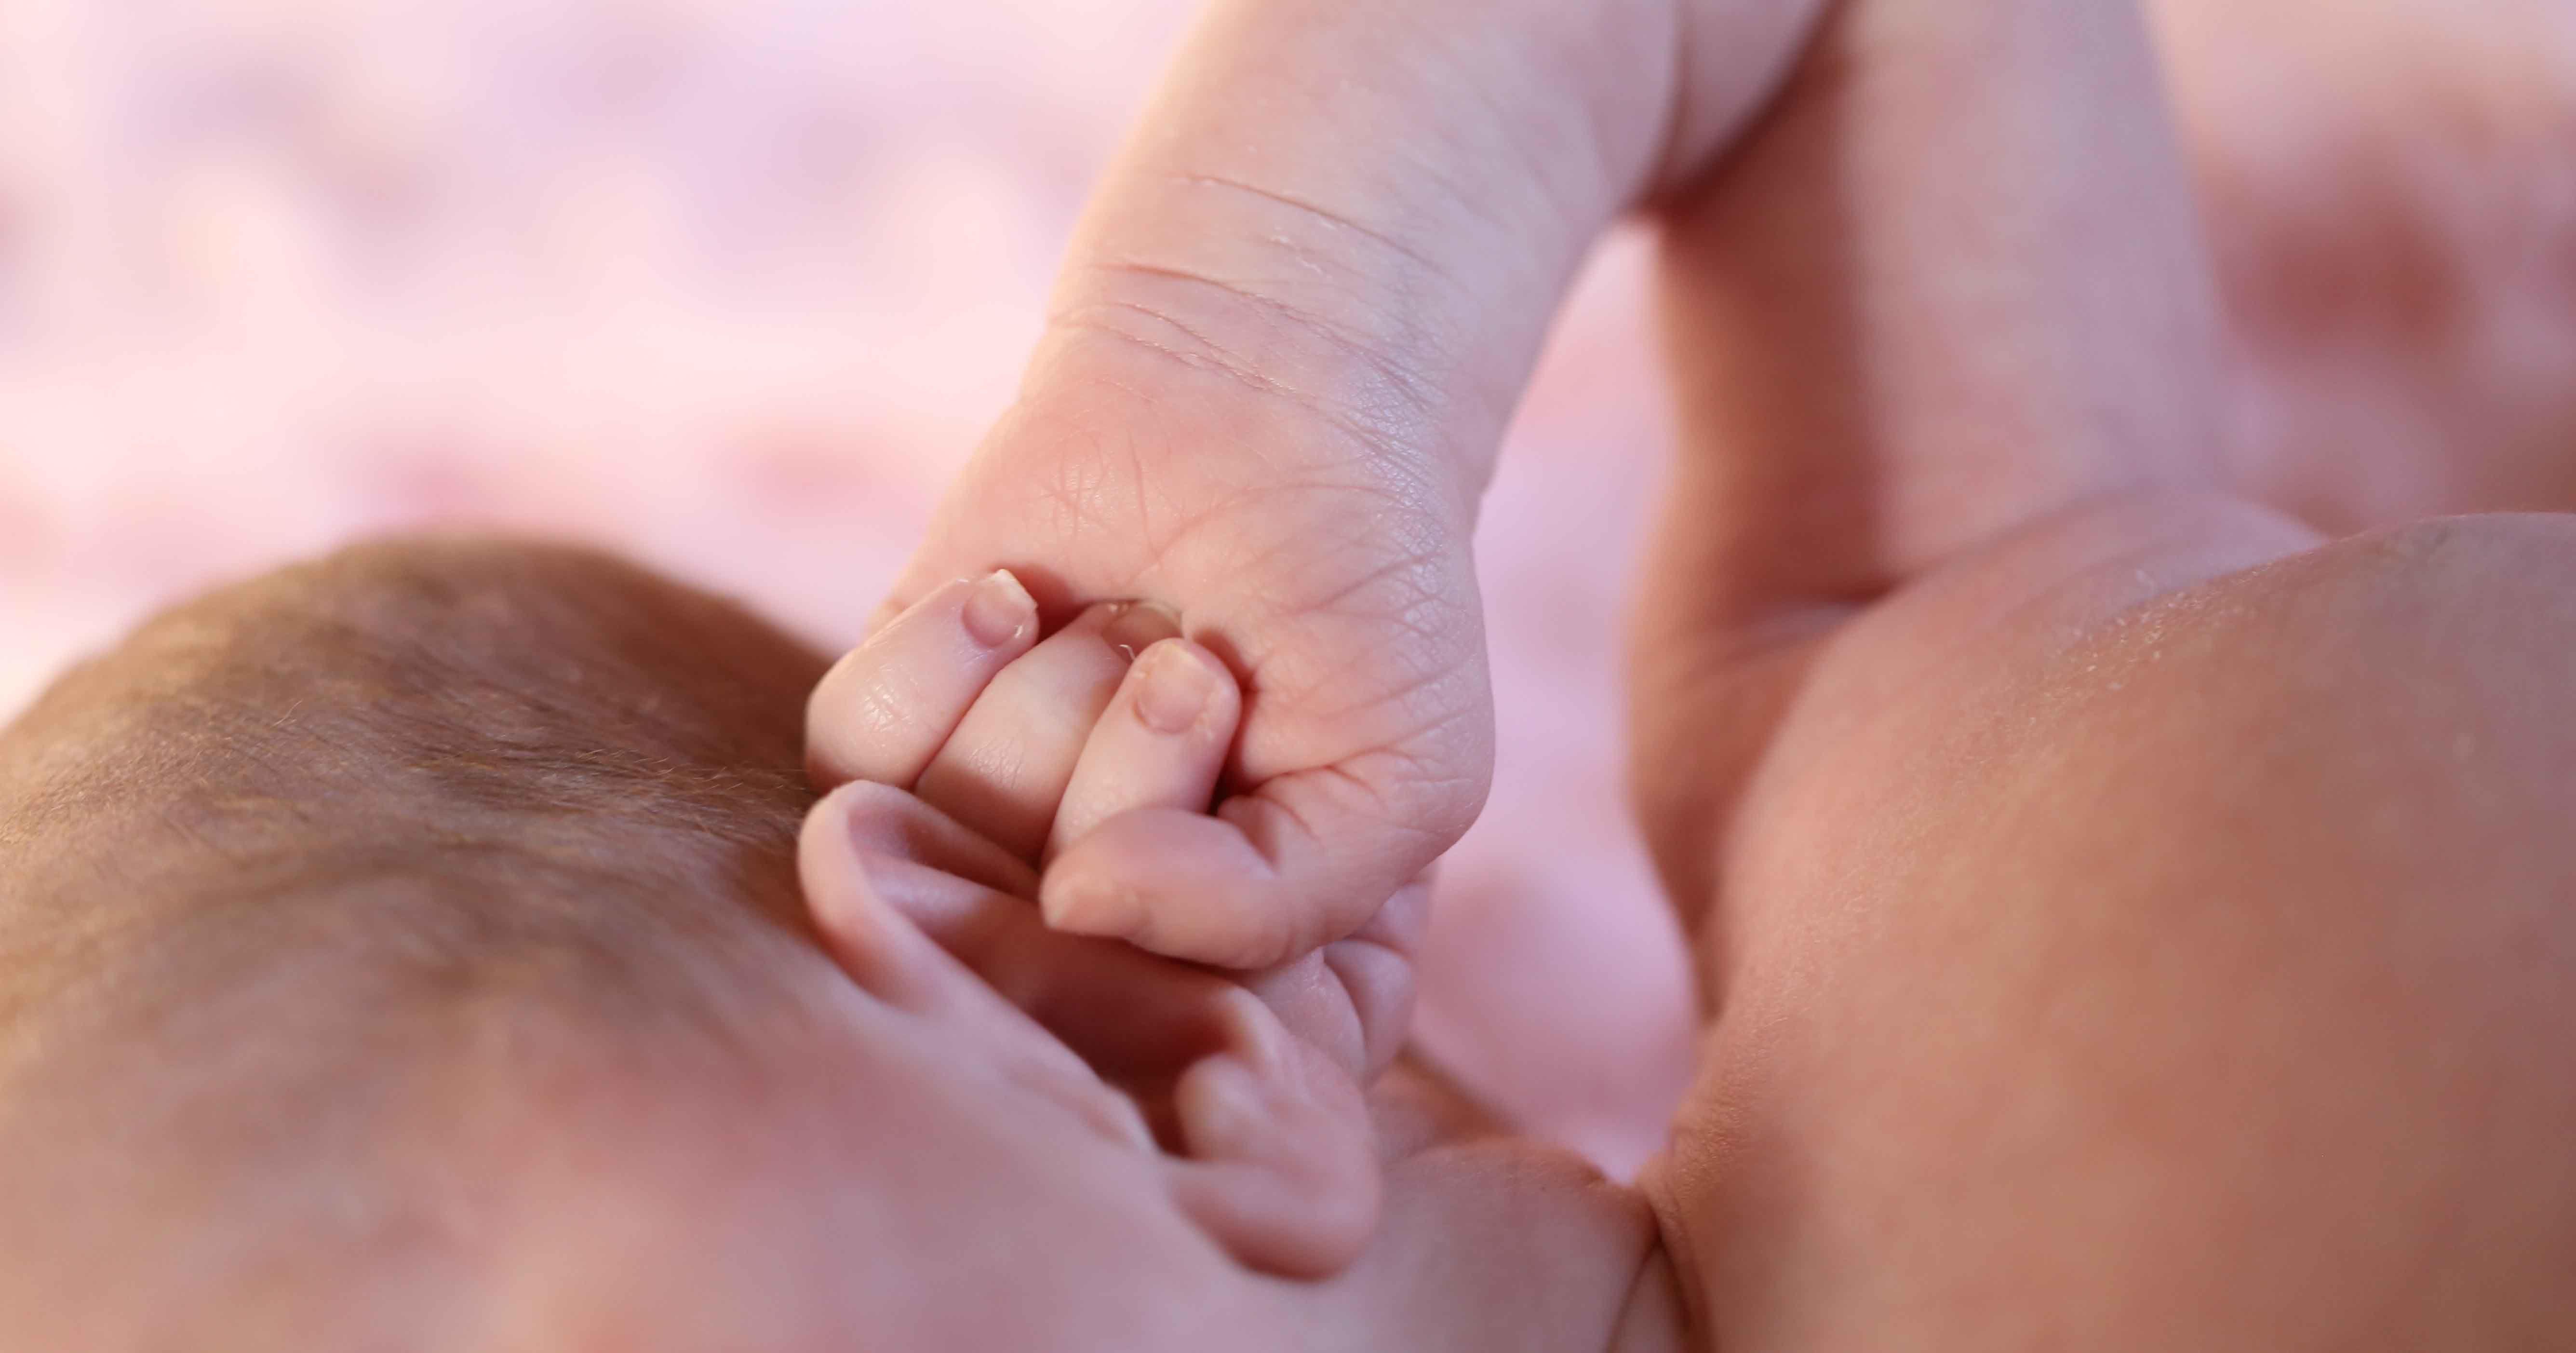 Penting Tes Fungsi Pendengaran Bayi Baru Lahir